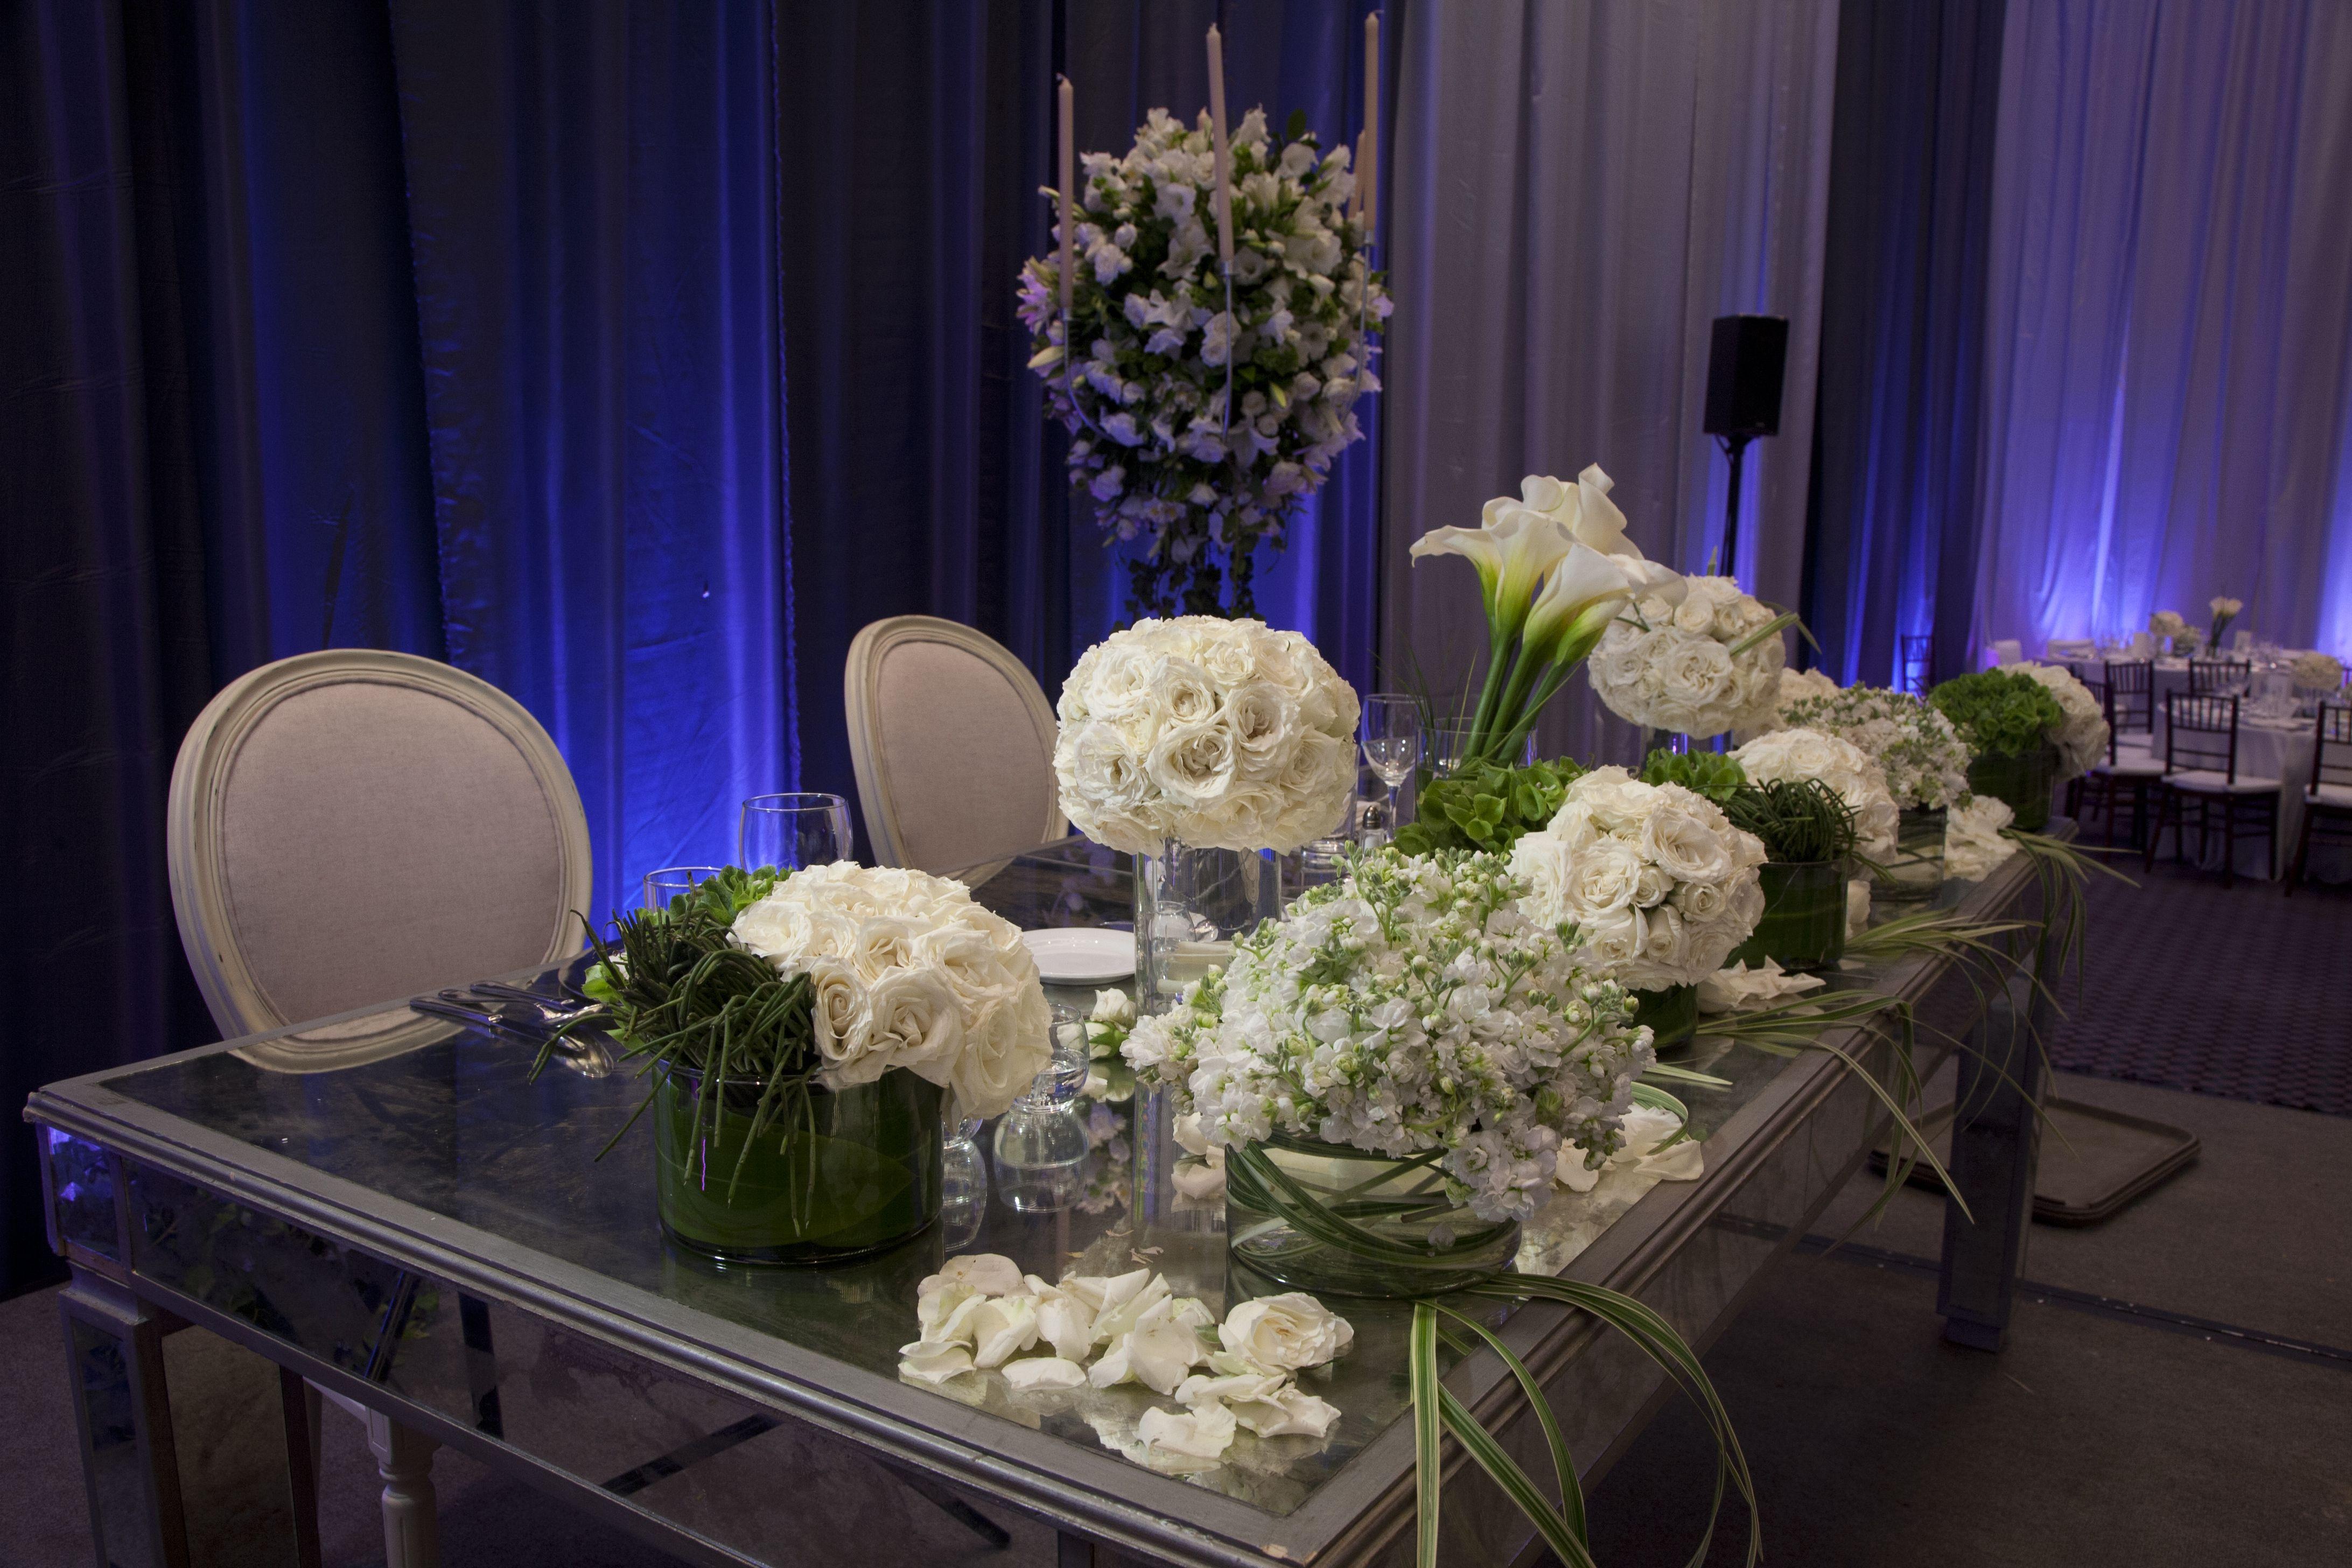 Mesa en espejo wow que efecto lasrosasdeaurelia aureliaeventos mesa de novios pinterest - Espejo de mesa ...